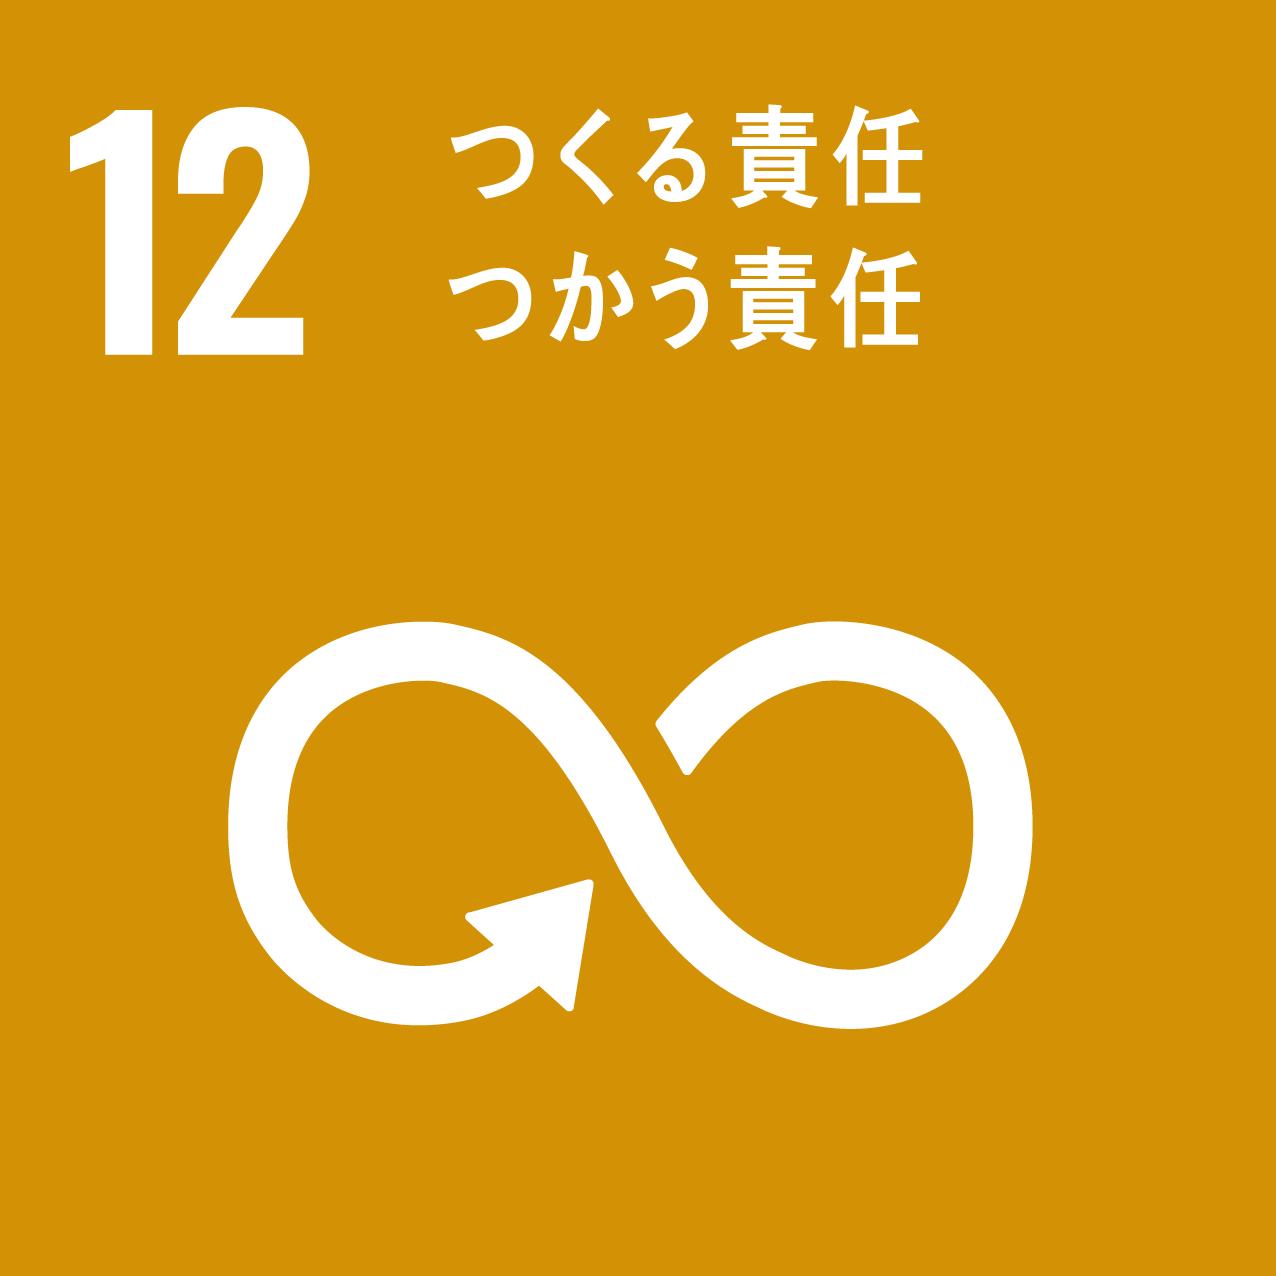 12.つくる責任、つかう責任